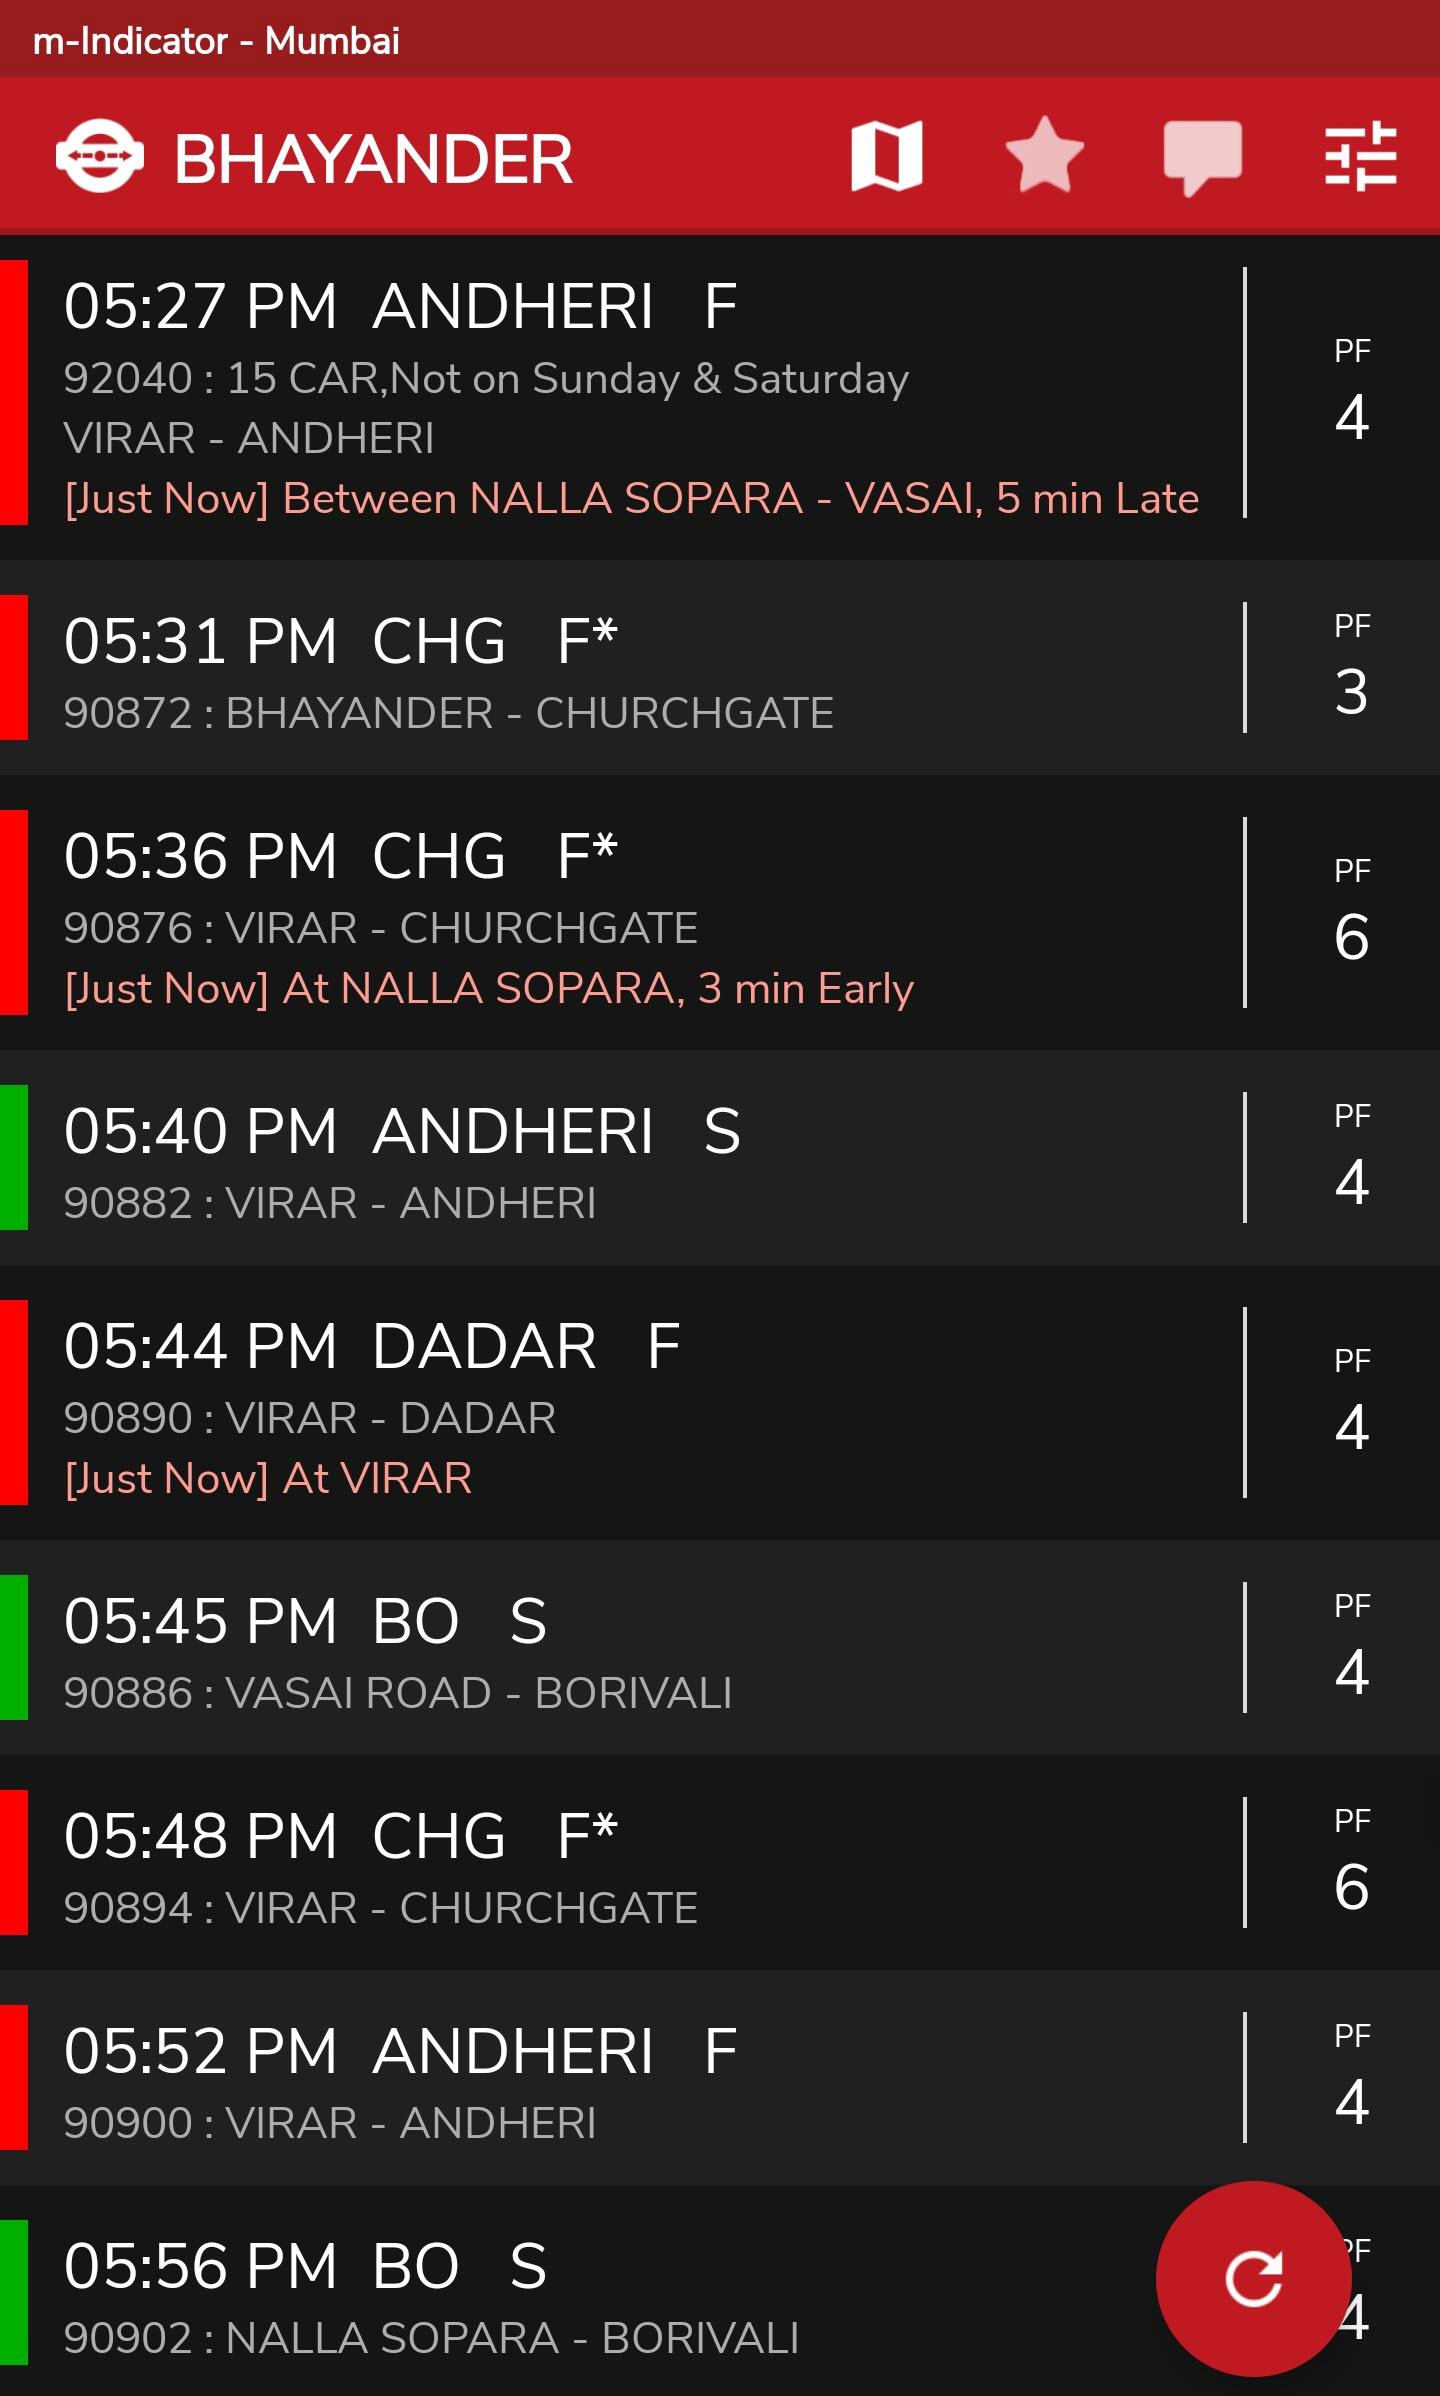 Как в прямом эфире отслеживать пригородные поезда Мумбаи, используя m-Indicator 2